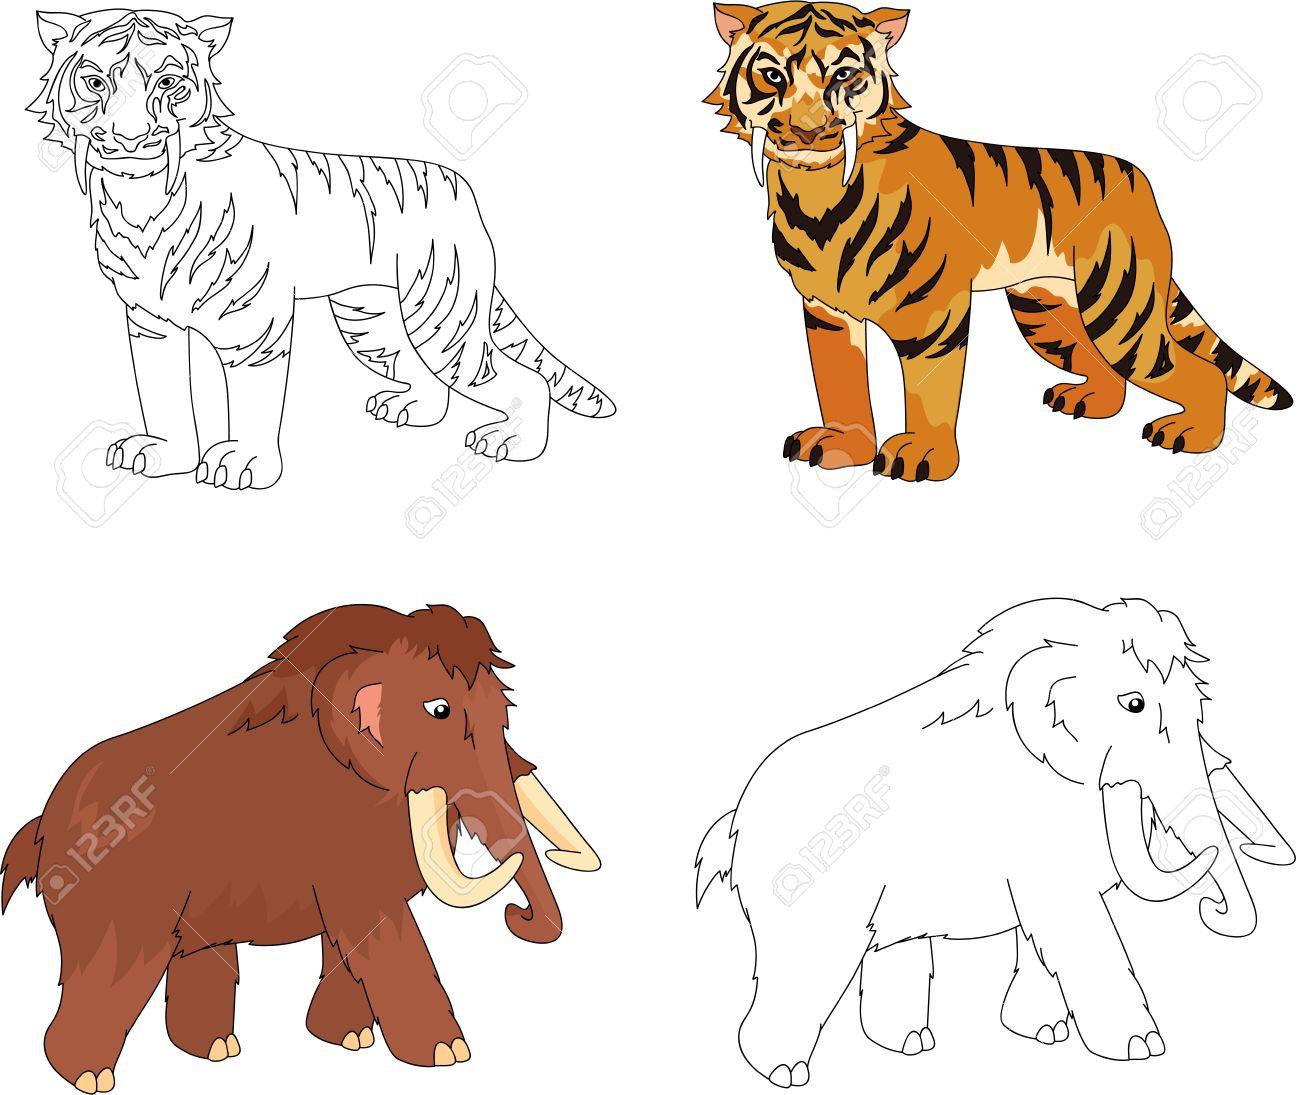 Fantástico Sables De Búfalo Para Colorear Ilustración - Enmarcado ...